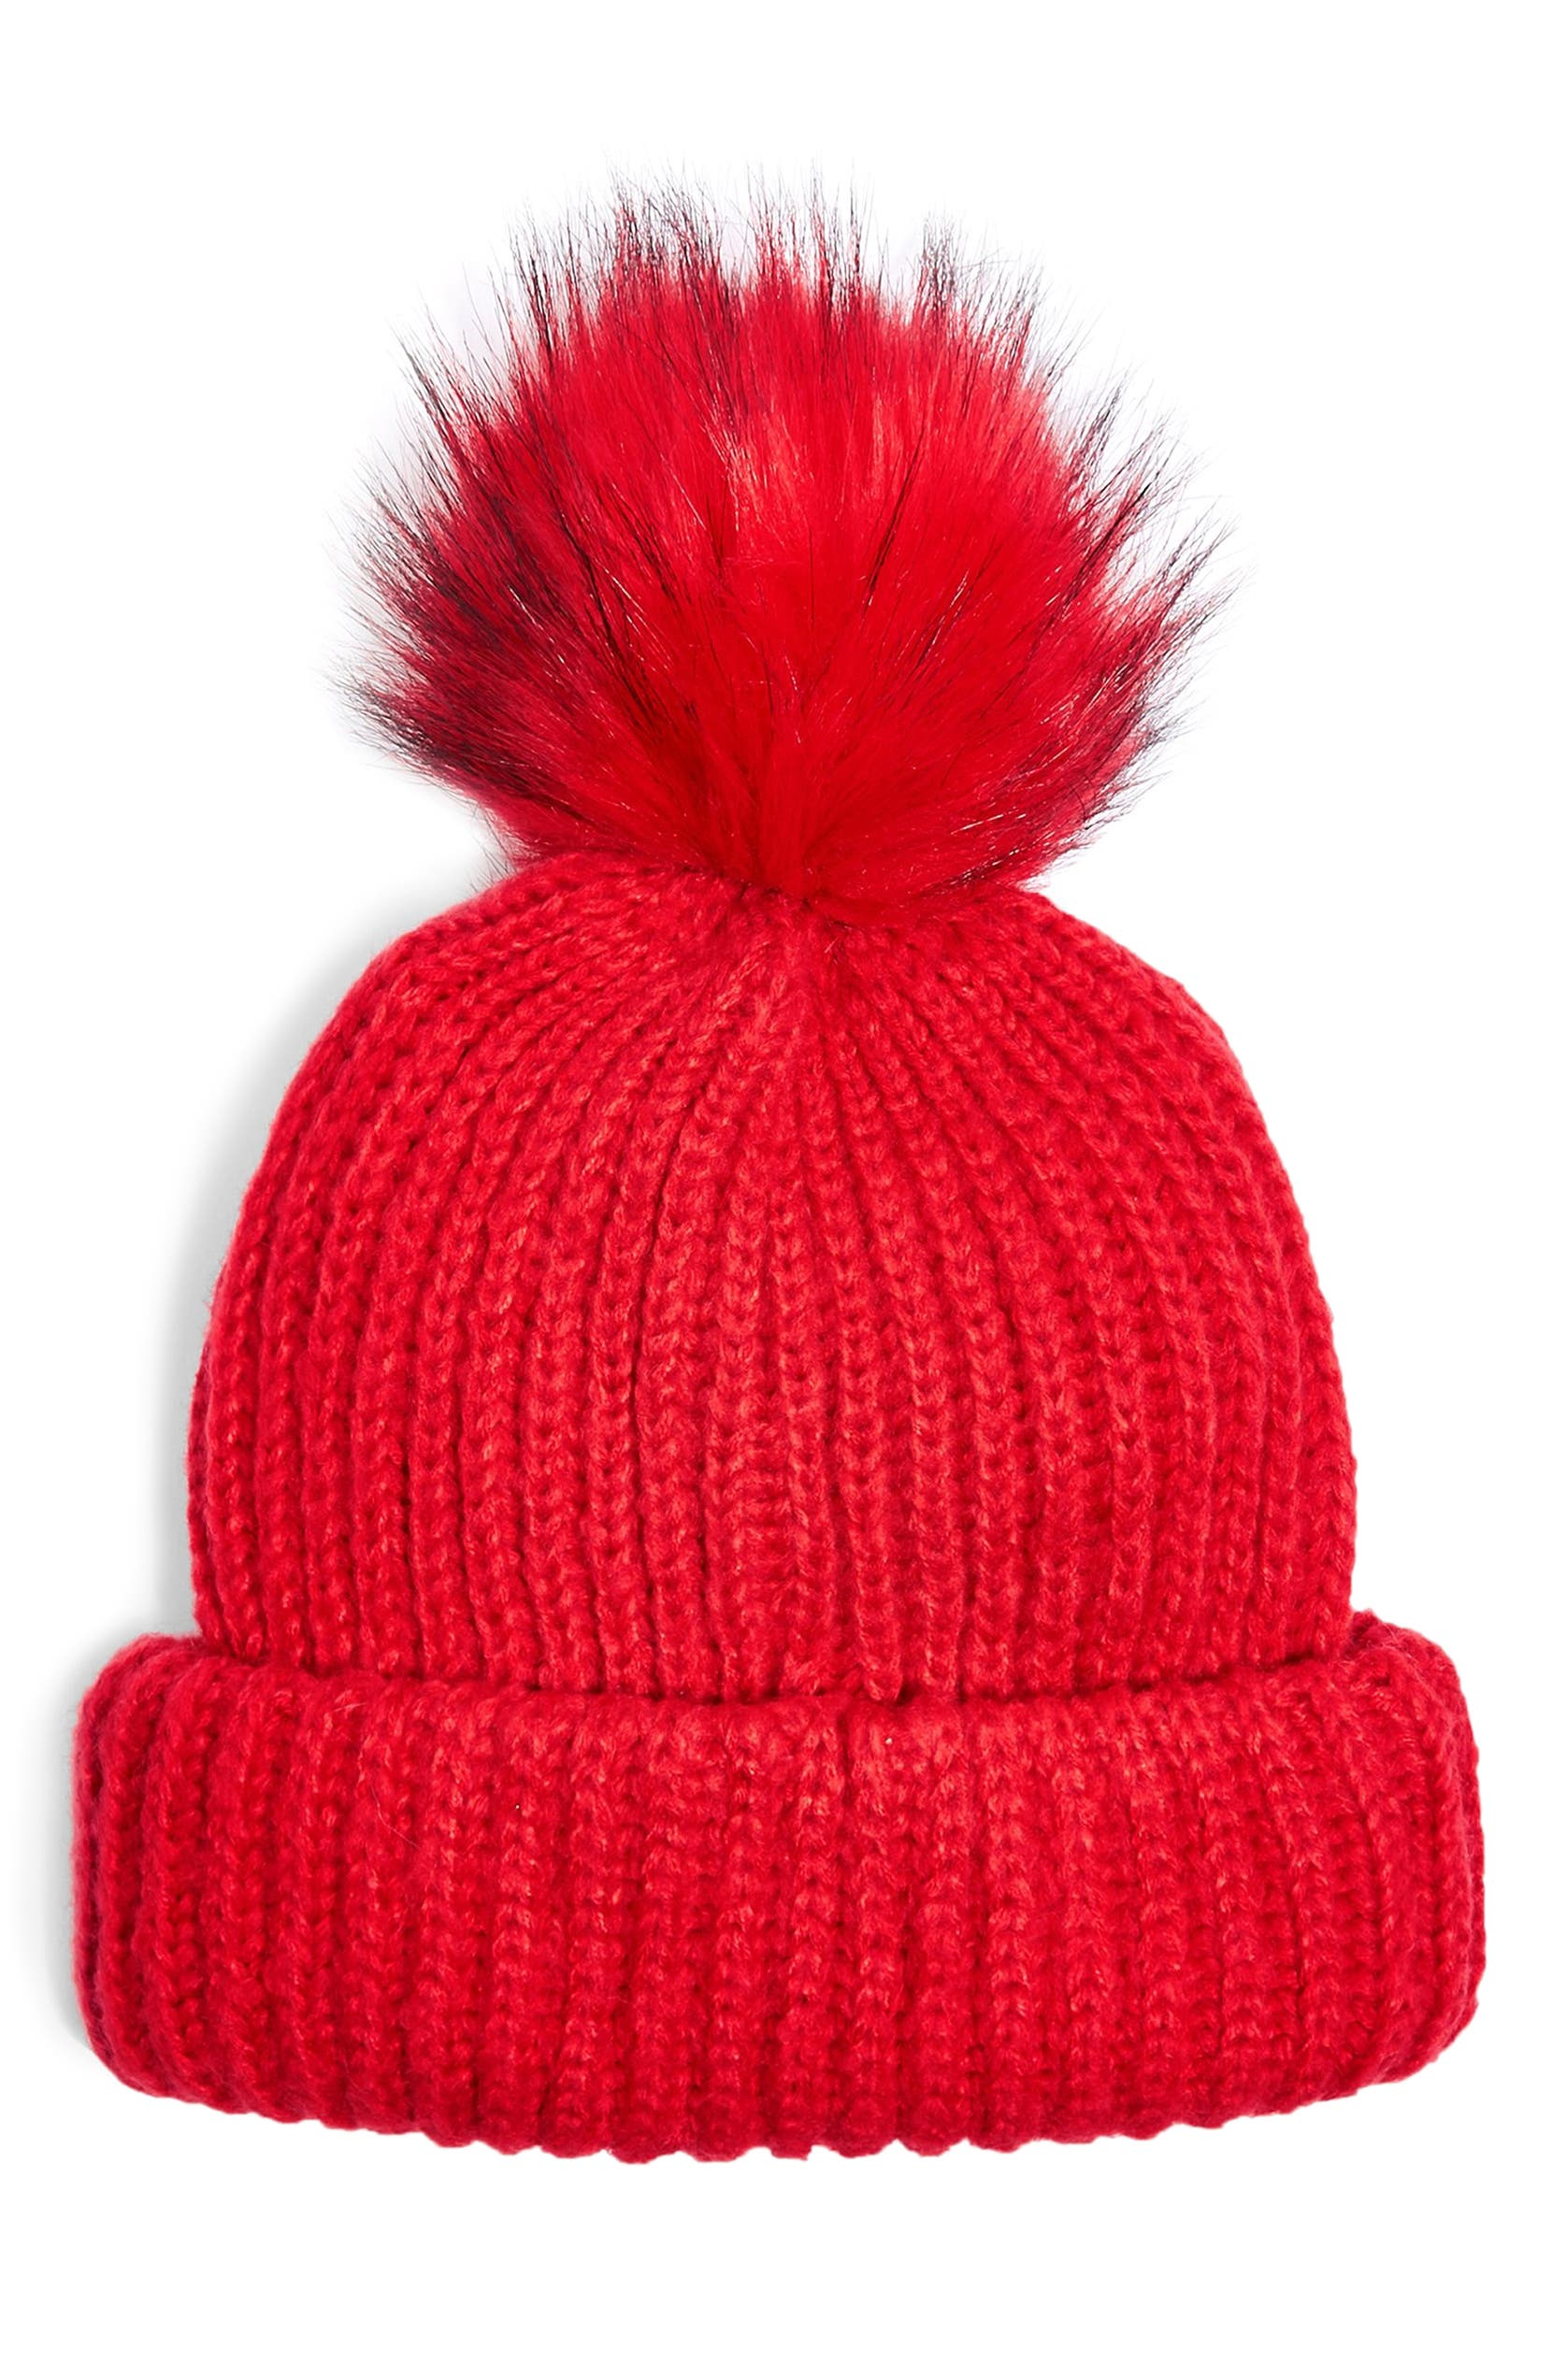 8cc9979bea5 Topshop Faux Fur Pompom Beanie